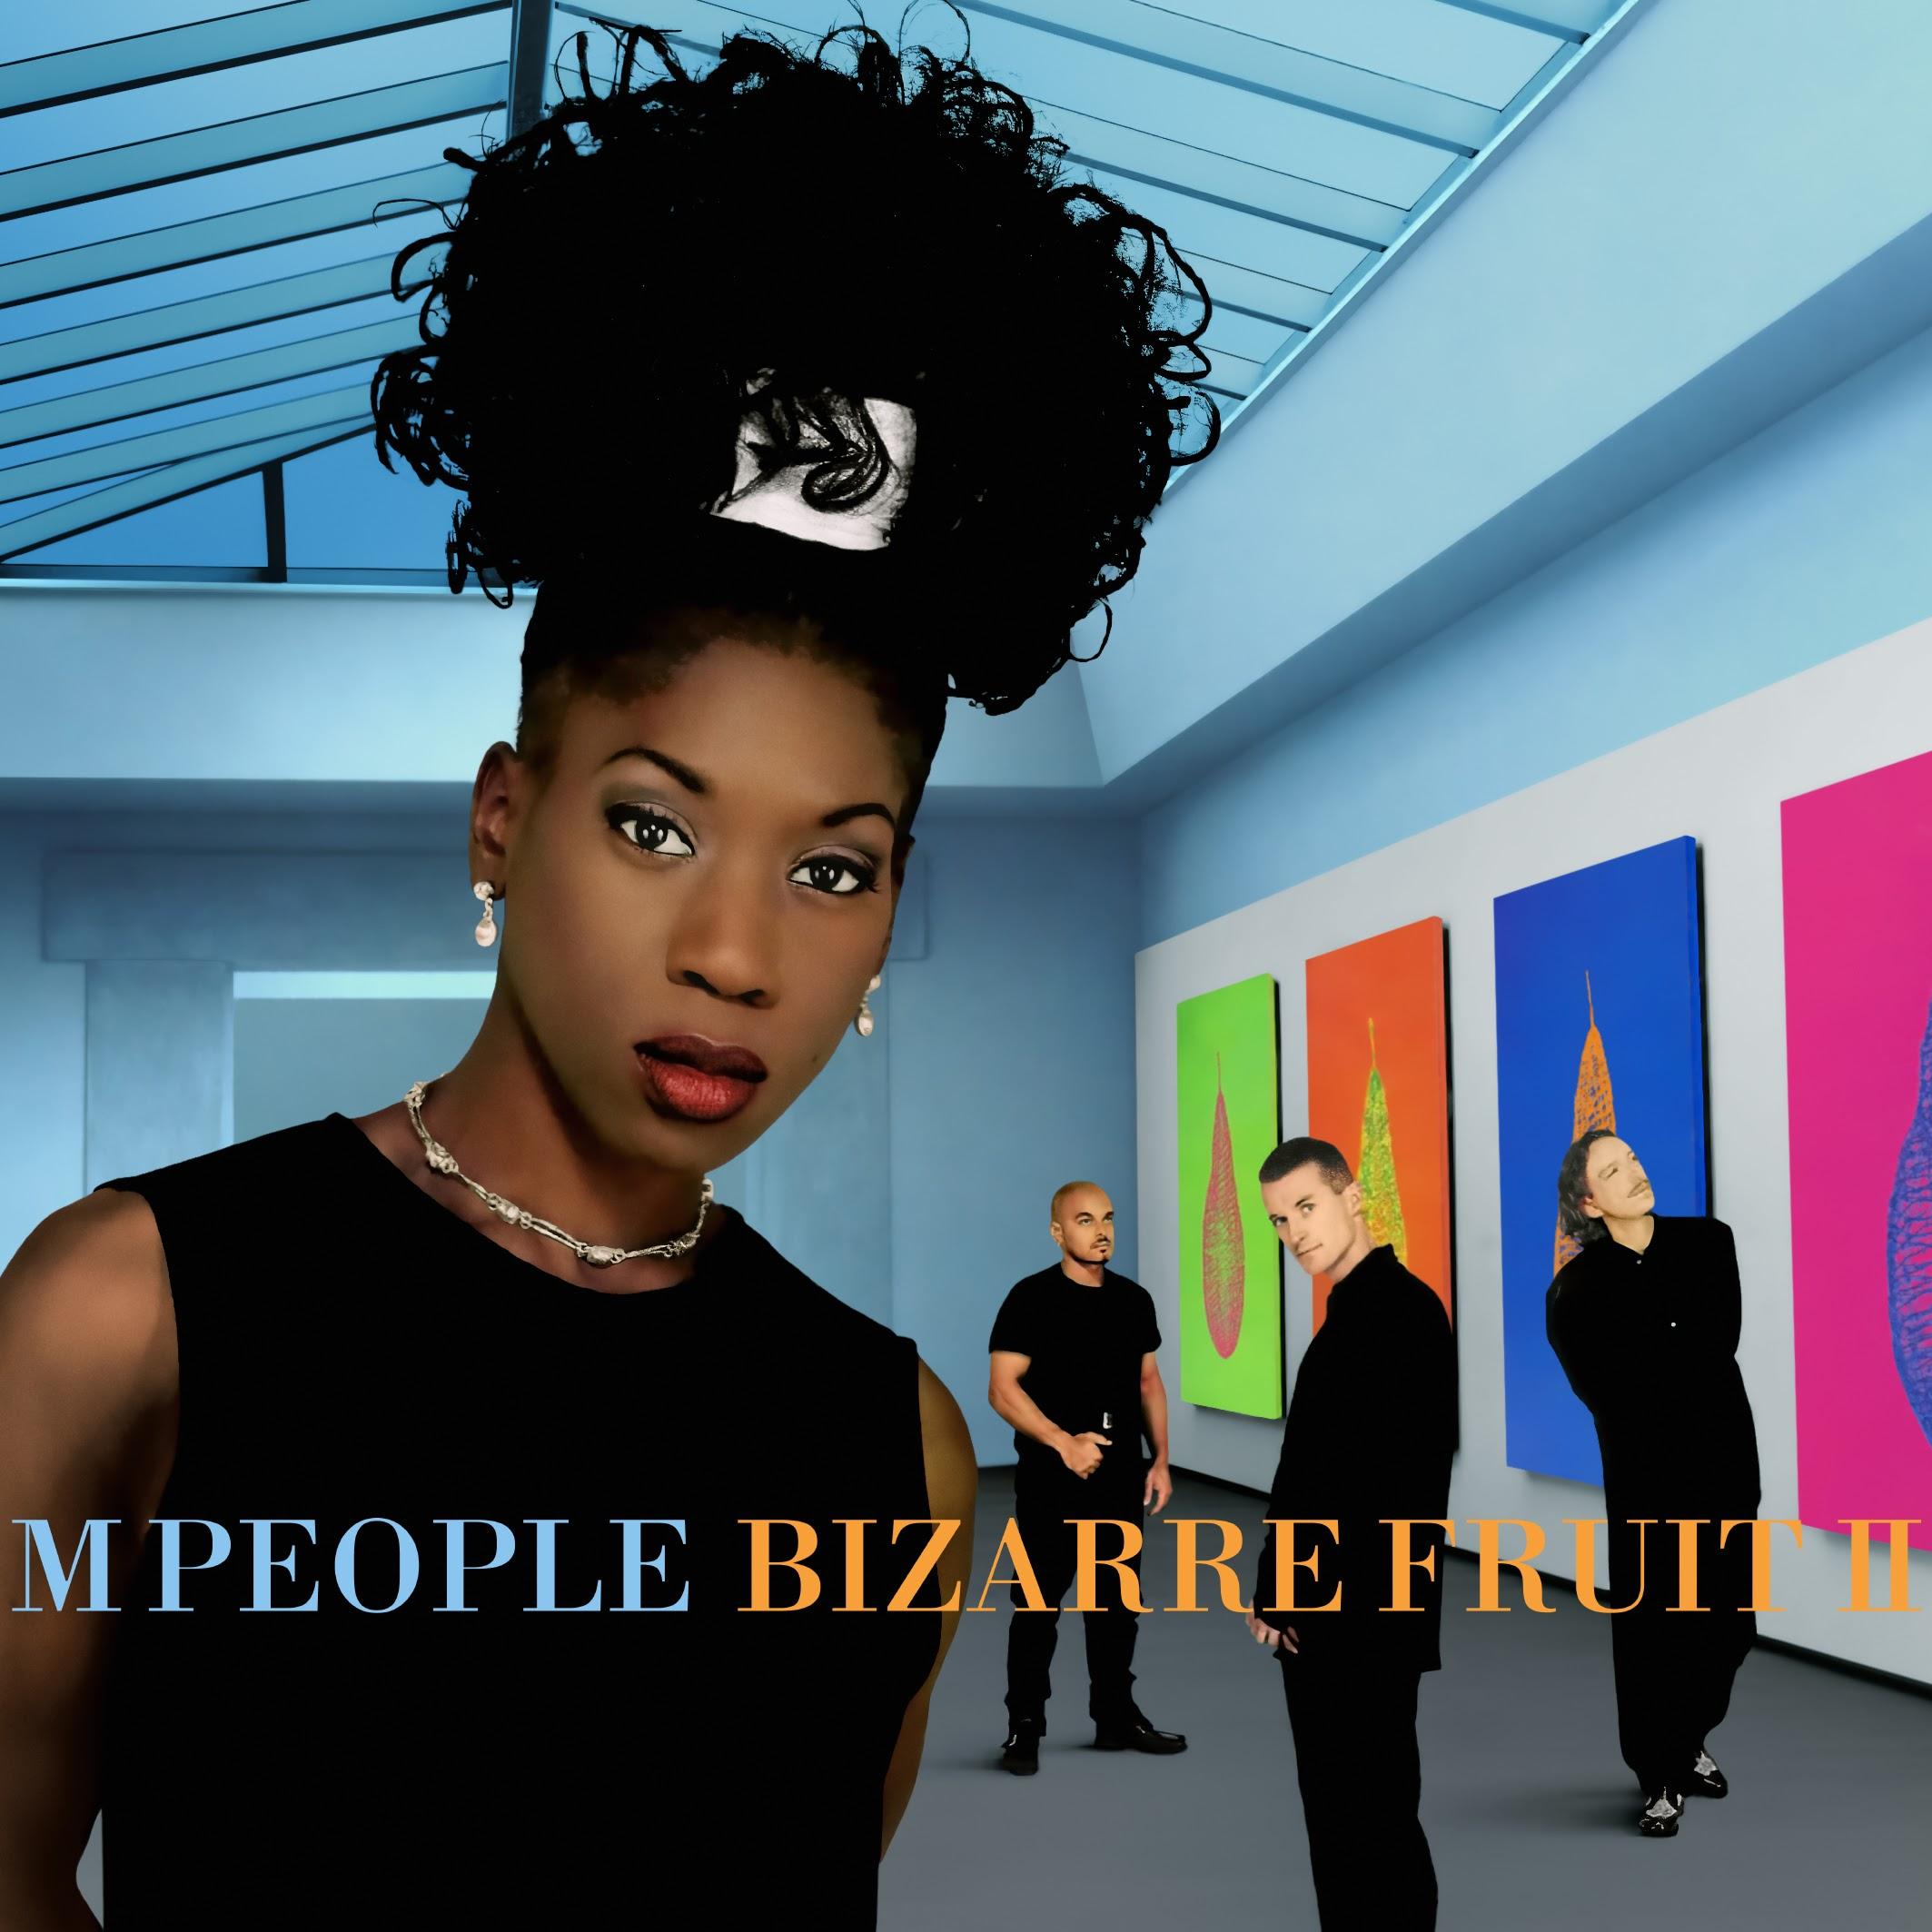 Album Artist: M People / Album Title: Bizarre Fruit II [Square Album Art]